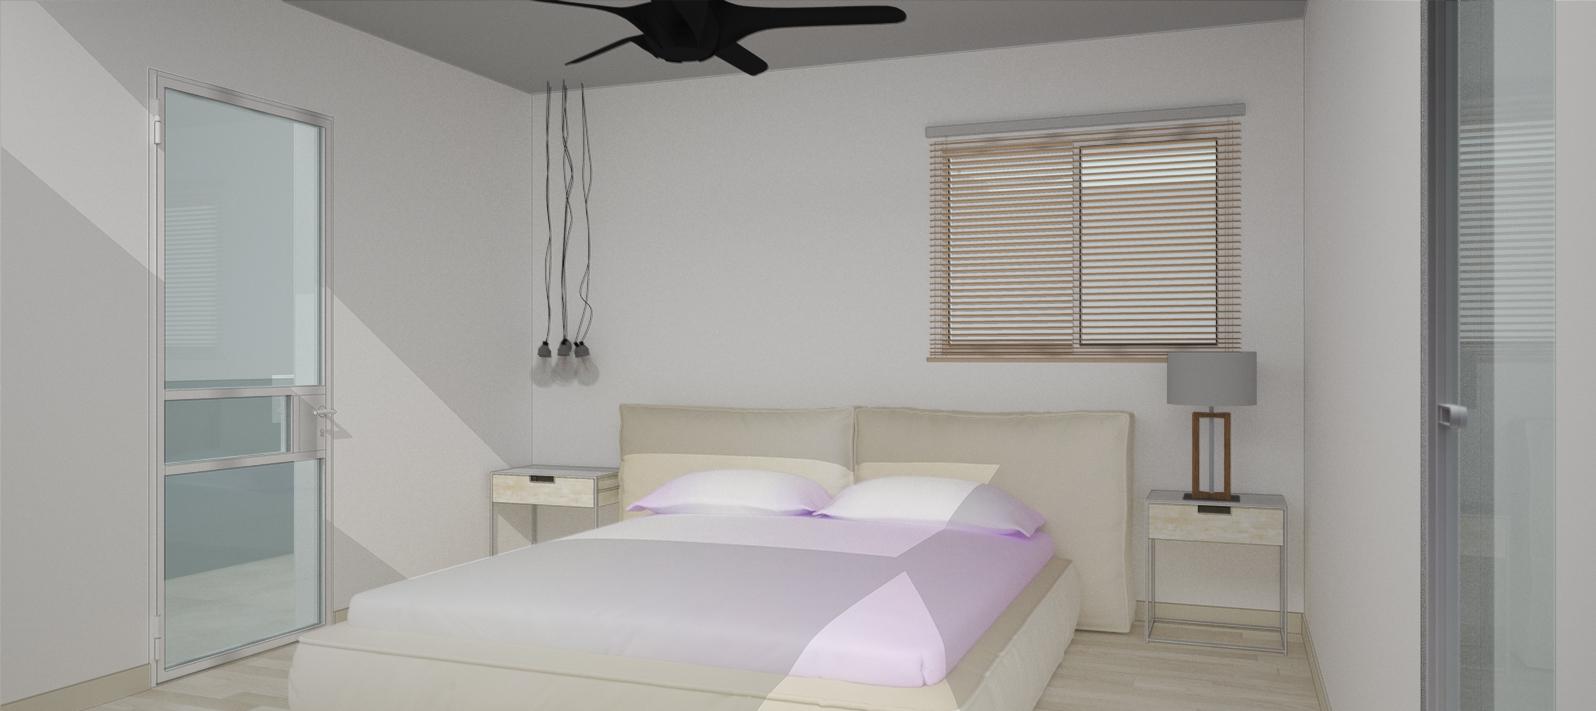 002 חדר שינה הורים .jpg